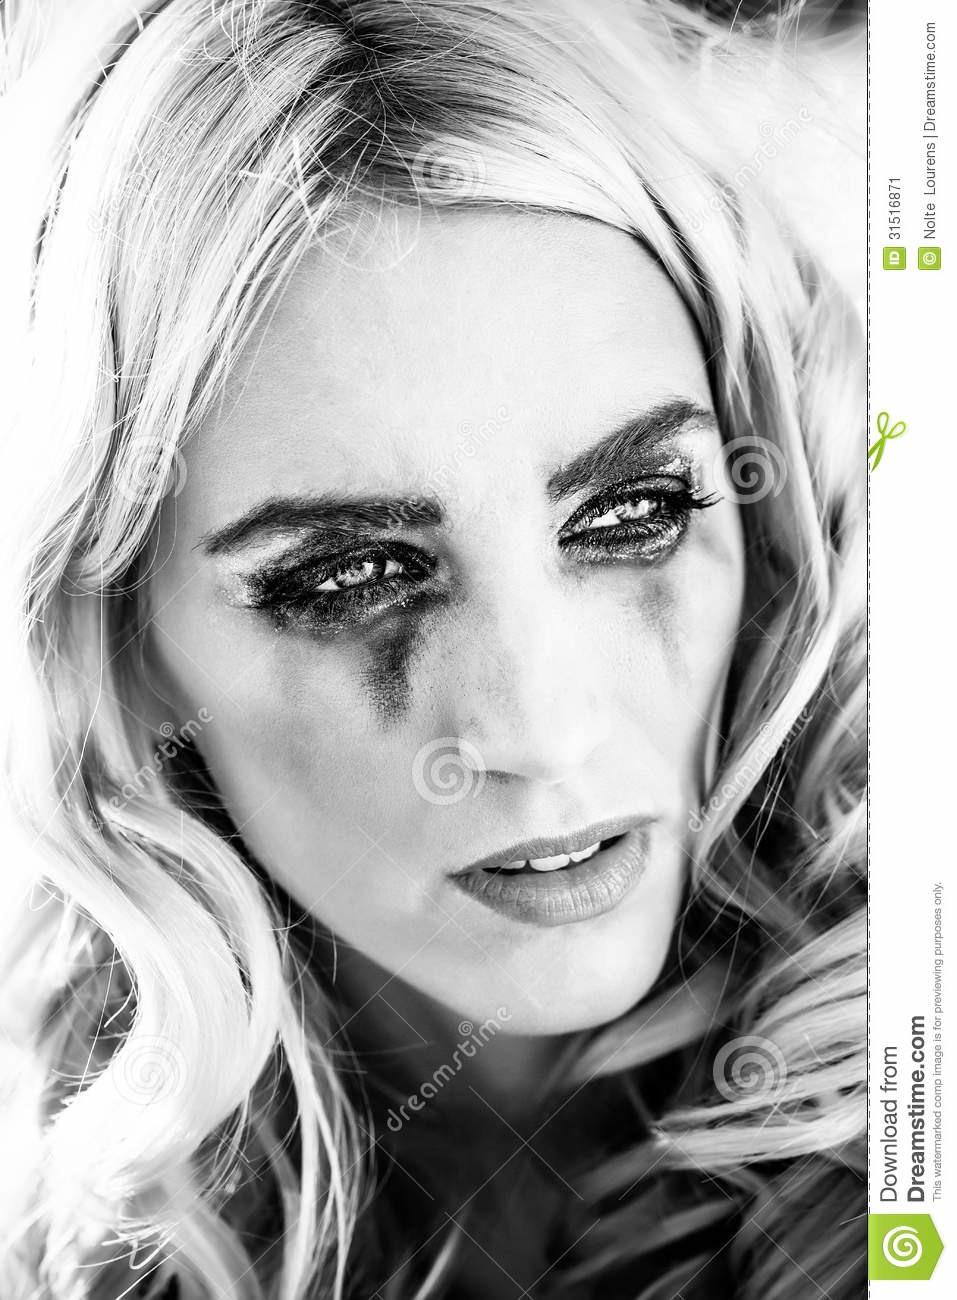 As a makeup remover